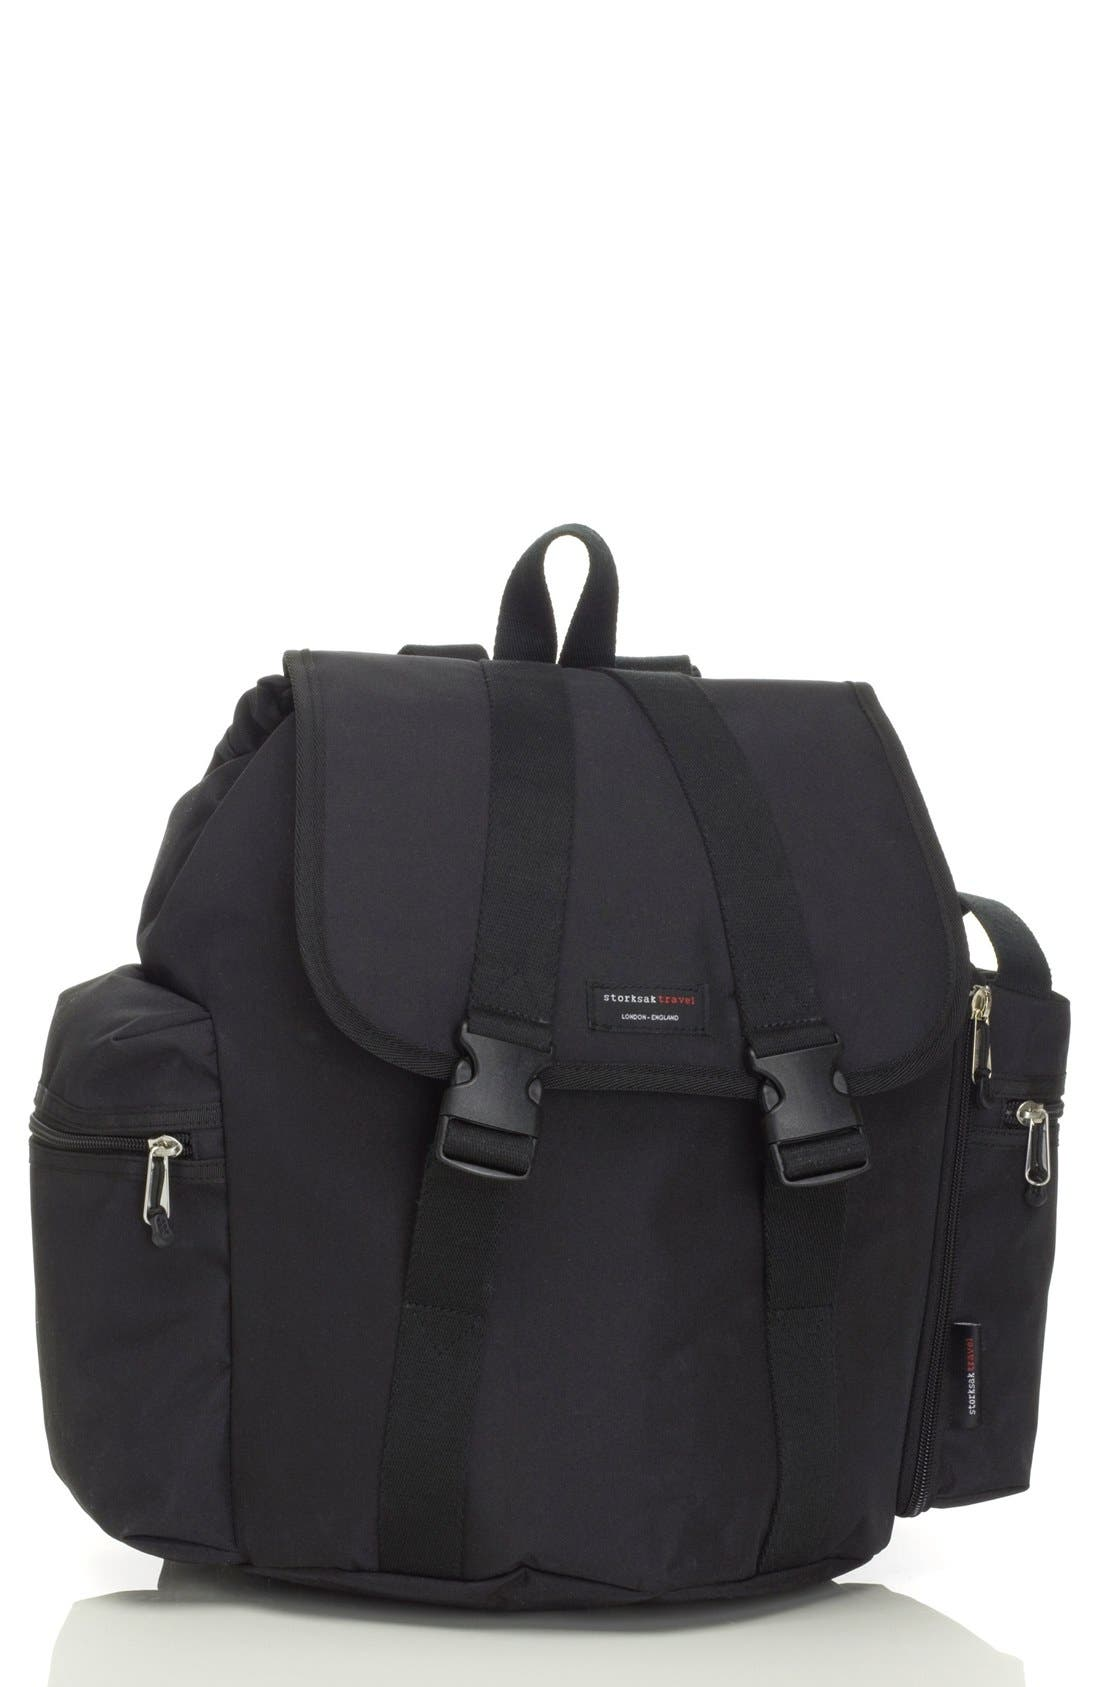 Alternate Image 1 Selected - Storksak Travel Backpack Diaper Bag